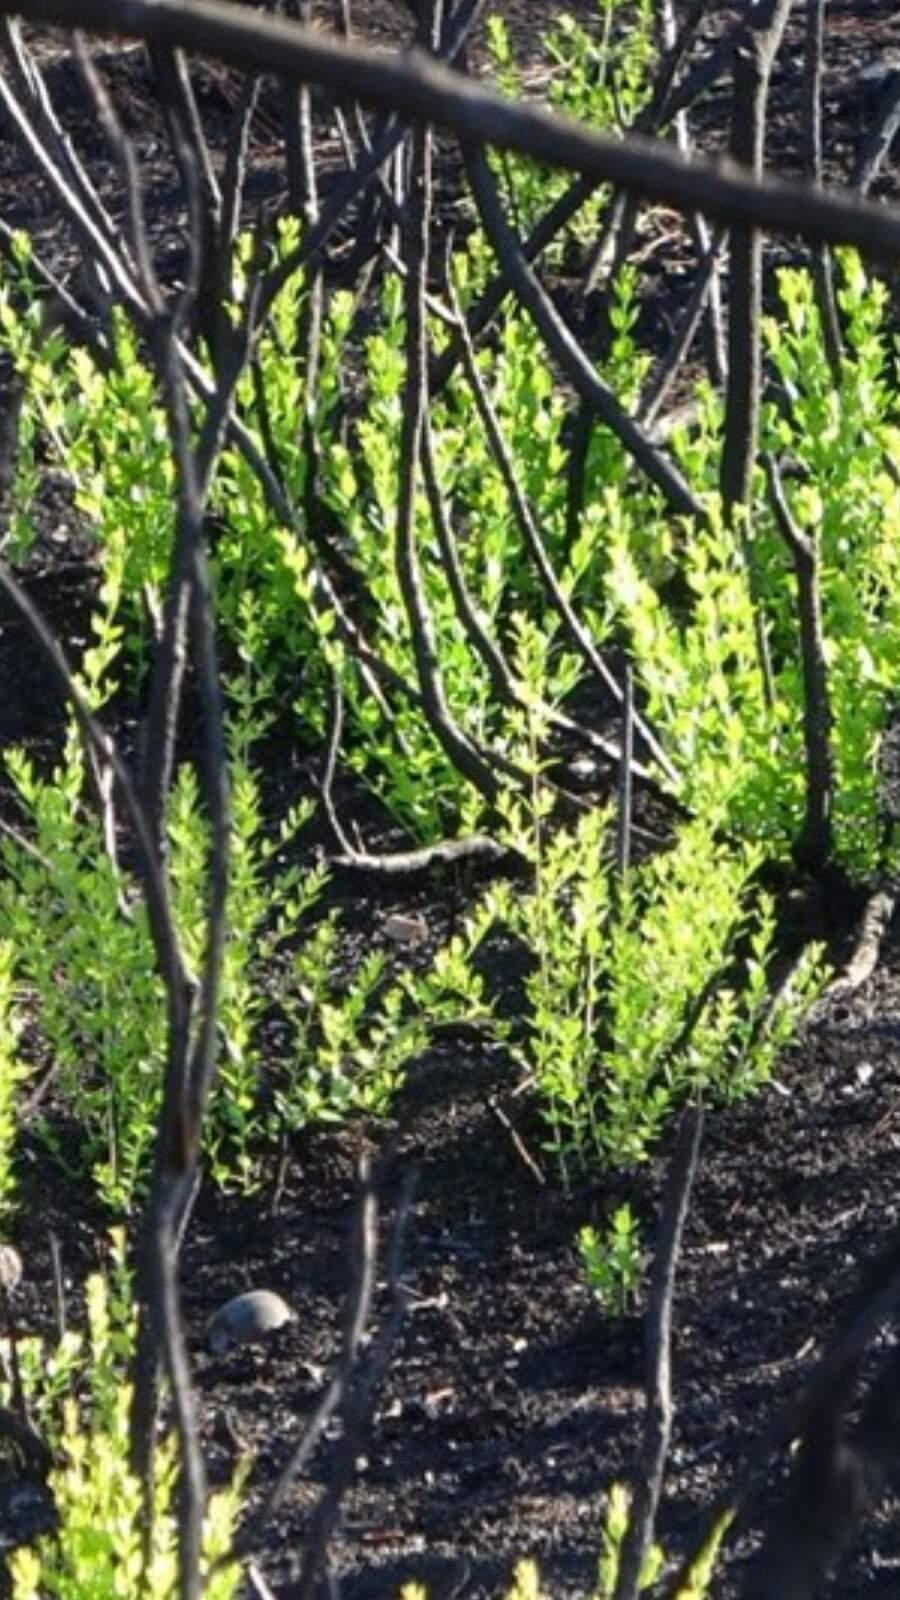 Doğa kendini yeniliyor! Ağaçlar küllerinden doğuyor